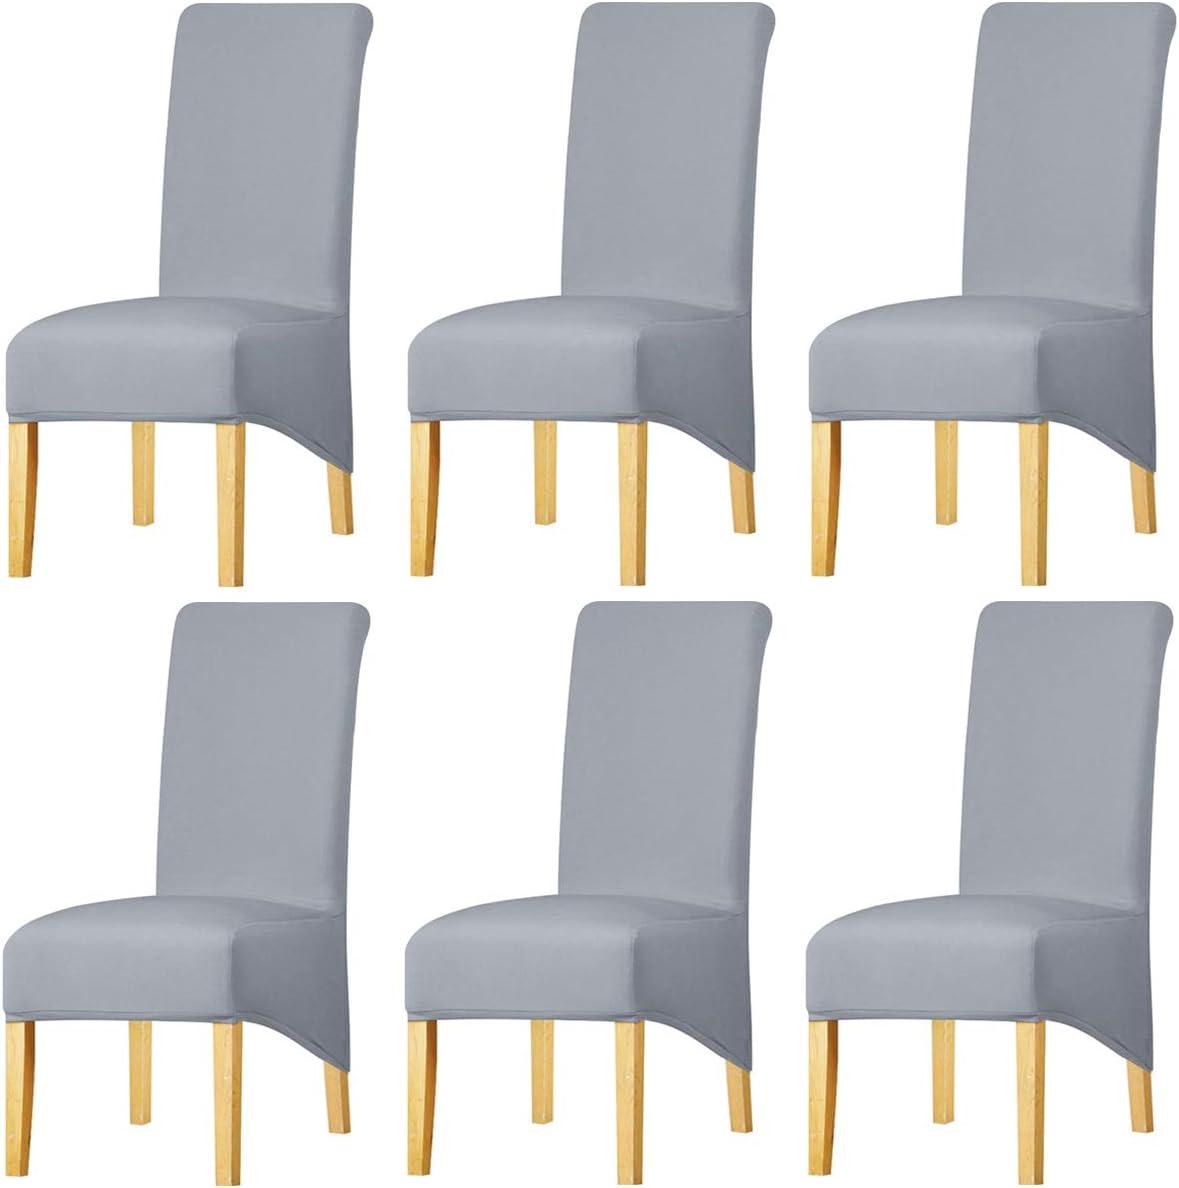 KELUINA Estiramiento sólido con respaldo alto Cubiertas de silla XL para comedor, fundas de silla de comedor grandes de Spandex para la vida en el hogar Restaurante Hotel (6 PACK,Gris claro)